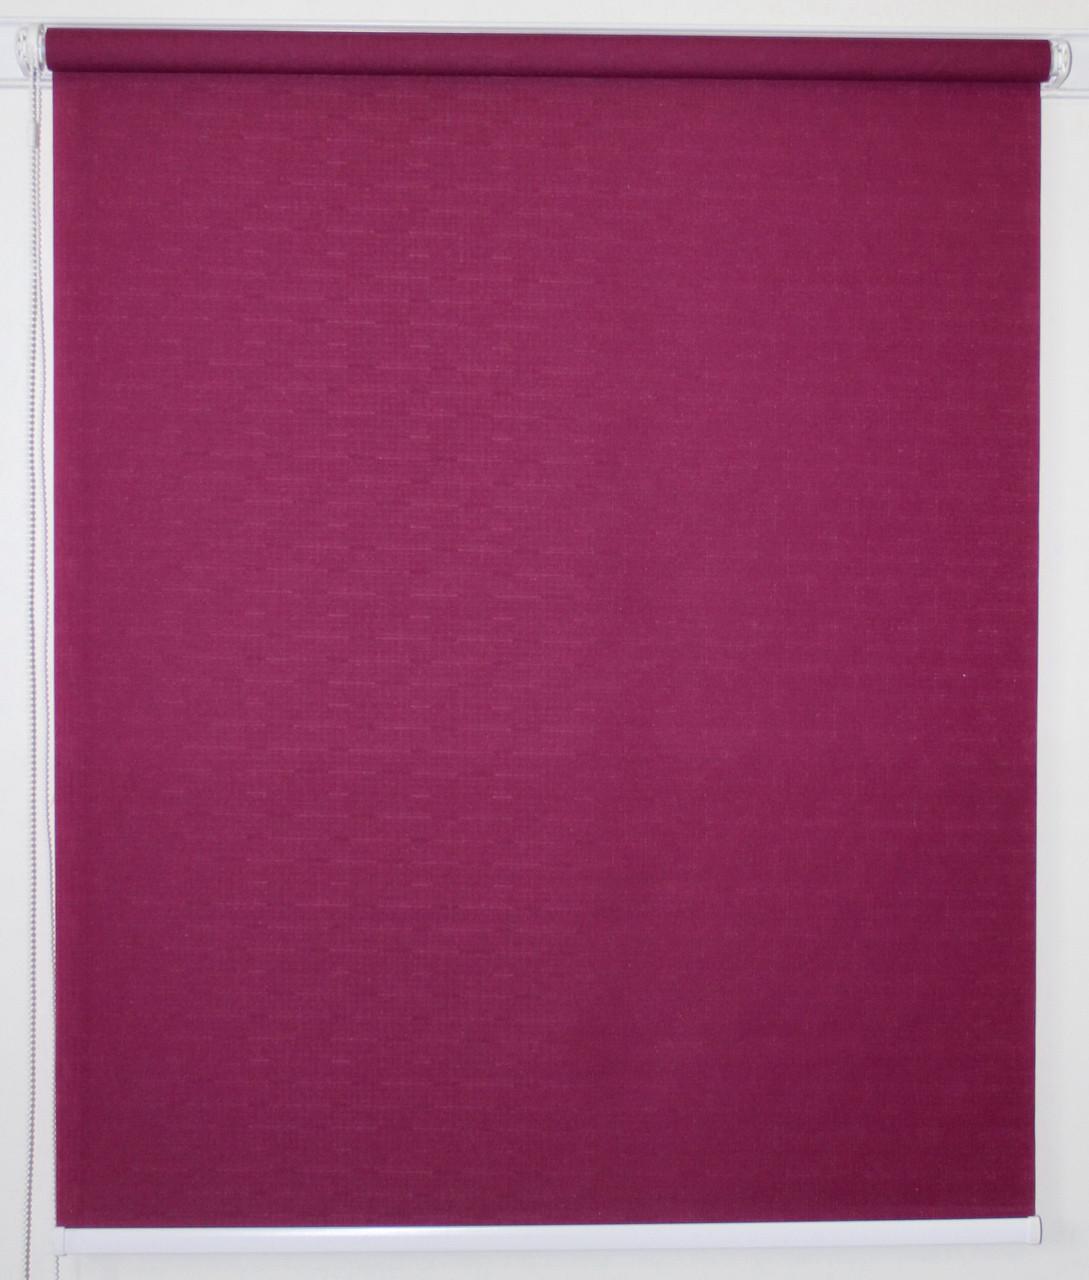 Рулонная штора 425*1500 Ткань Лён 7446 Пурпурно-красный